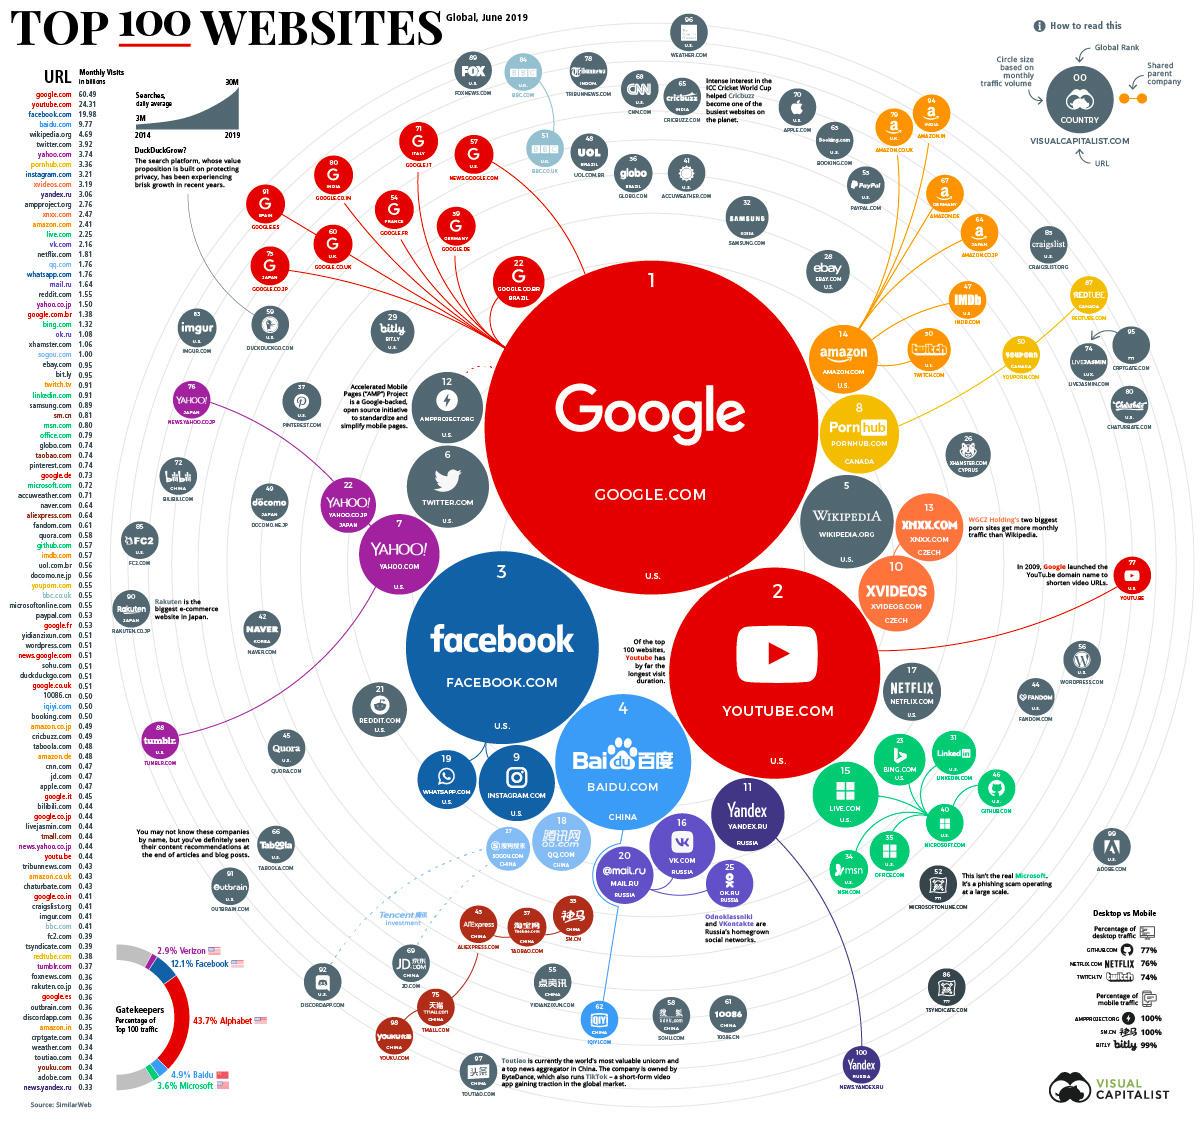 全球百大流量网站榜出炉:谷歌第一 百度第四的照片 - 2